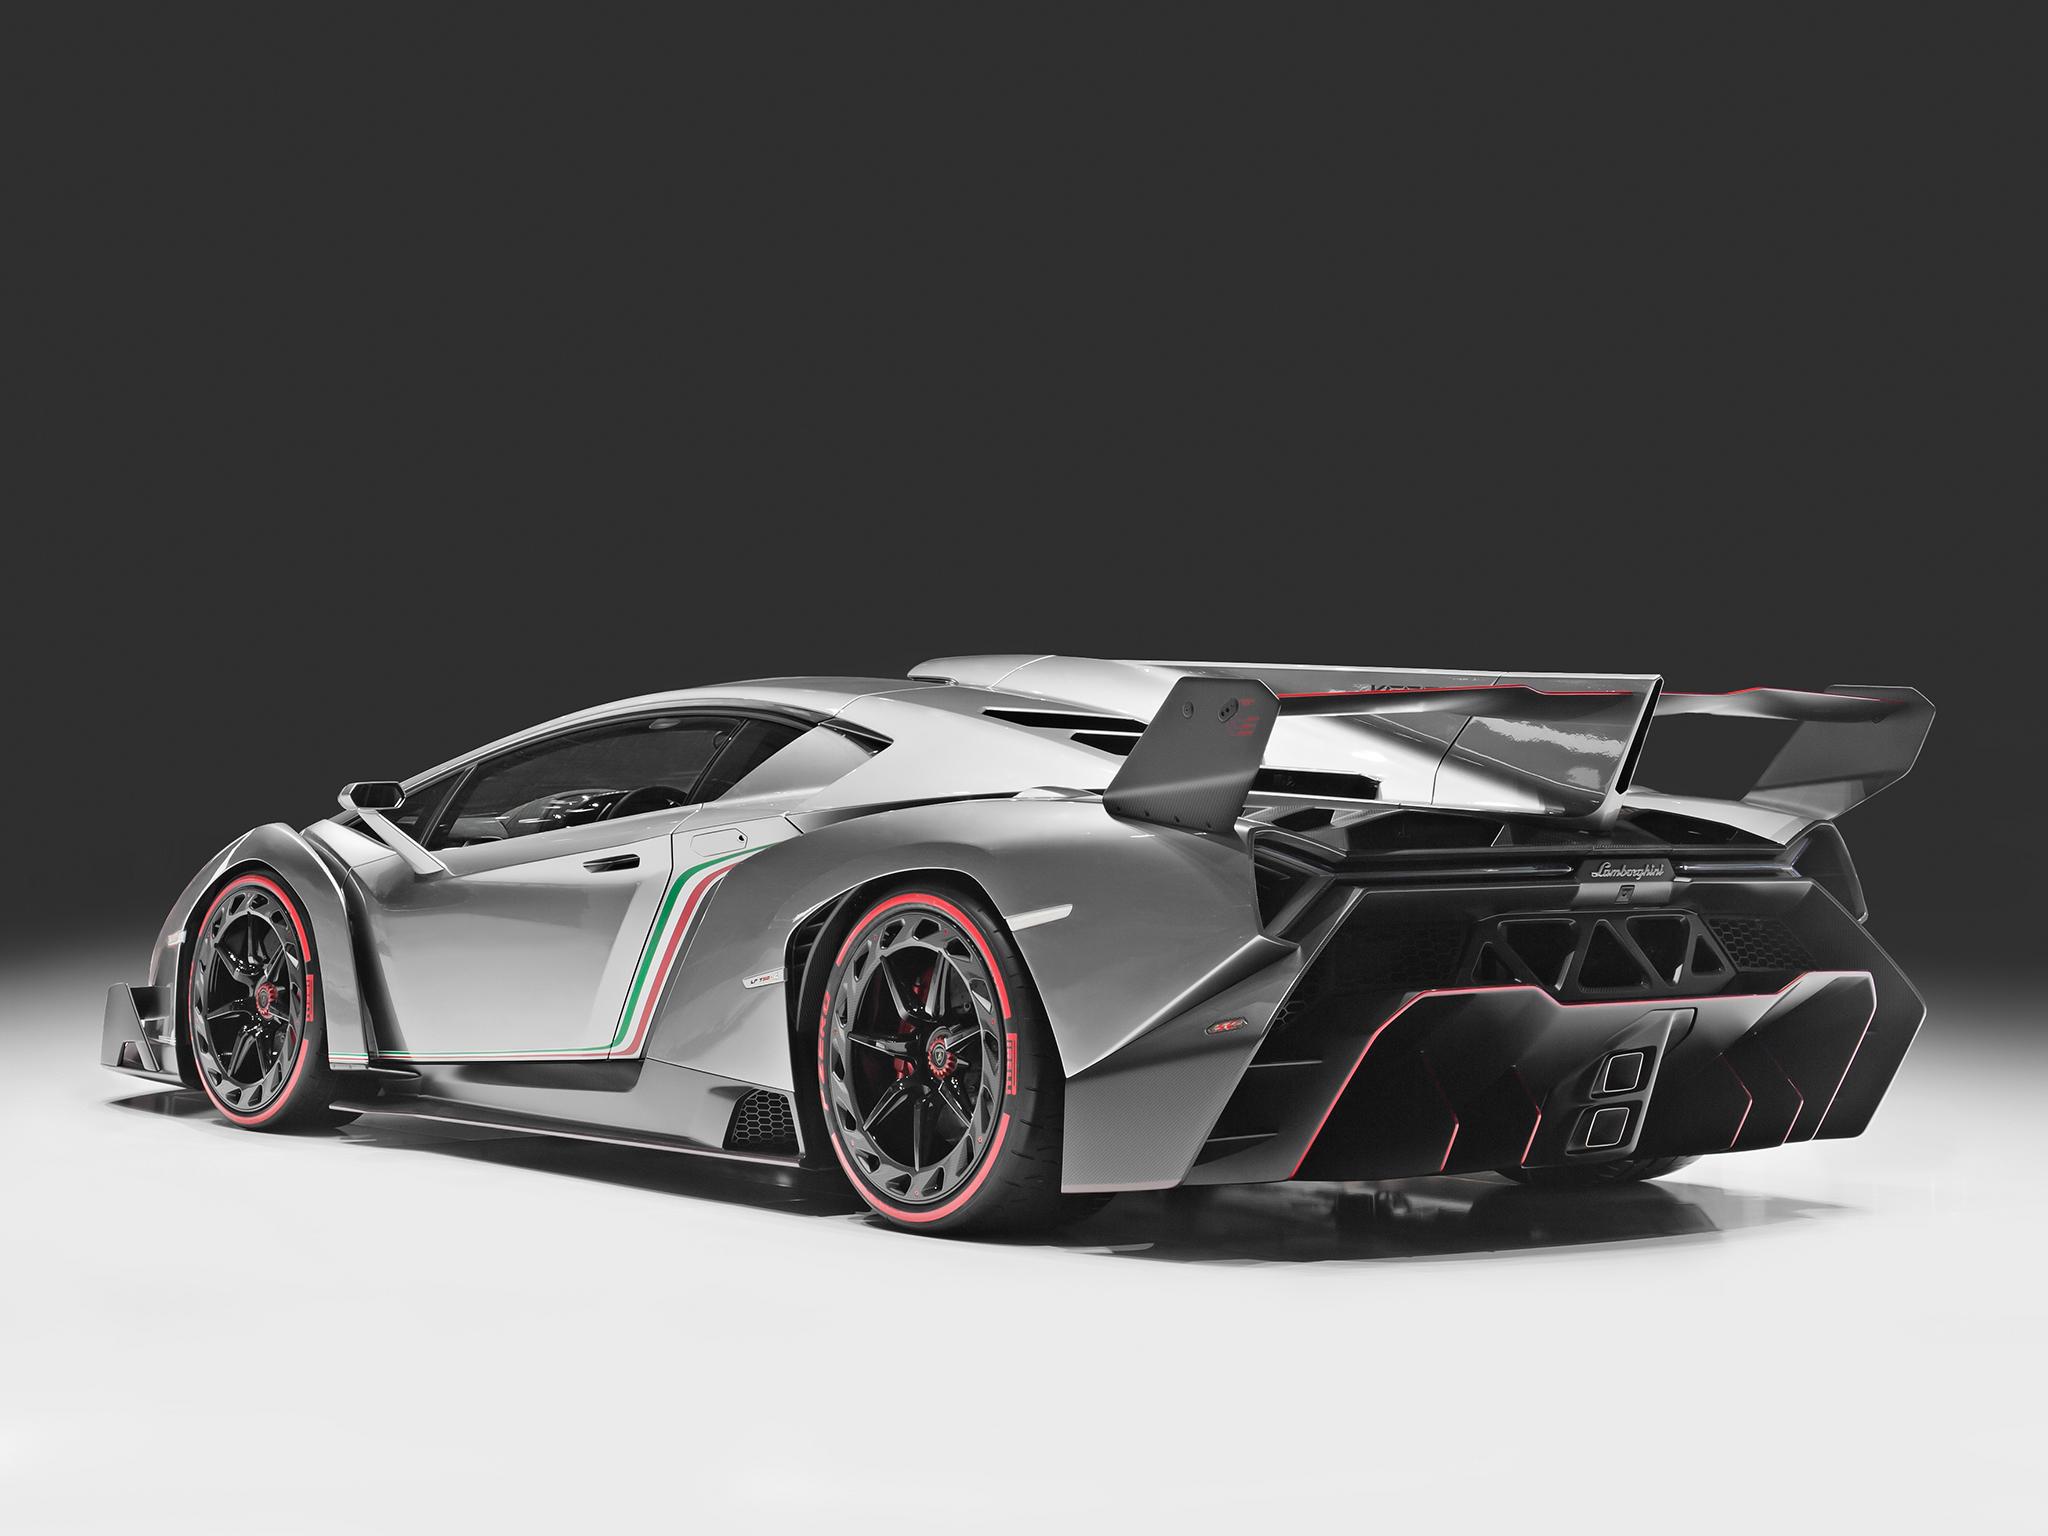 The Veneno was developed to celebrate the 50th anniversary of Lamborghini in 2013